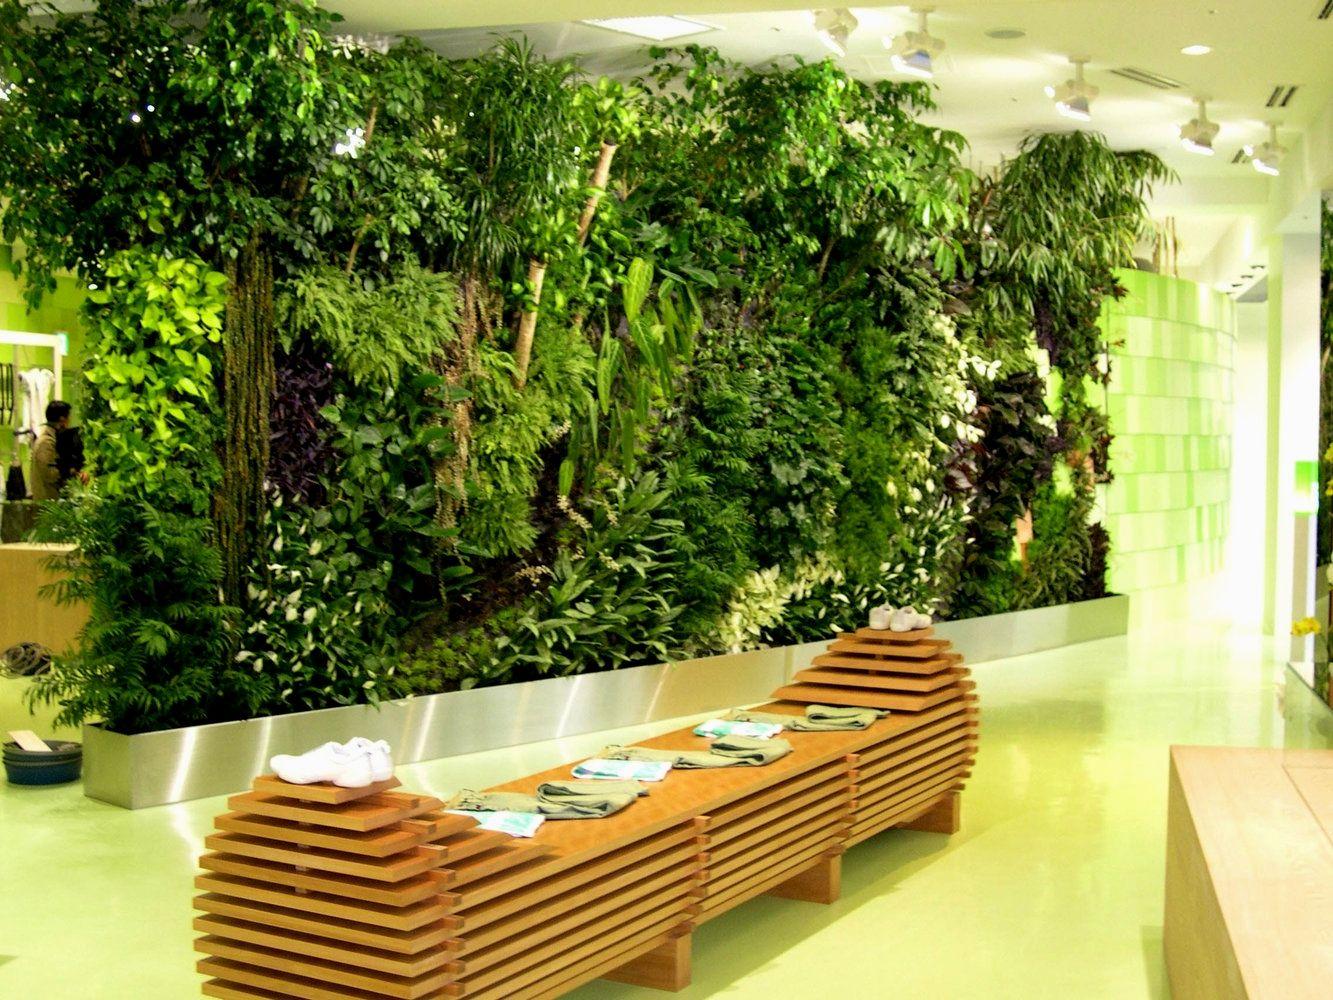 simple indoor garden plans for your interior enjoyment diy on indoor herb garden diy wall vertical planter id=70948